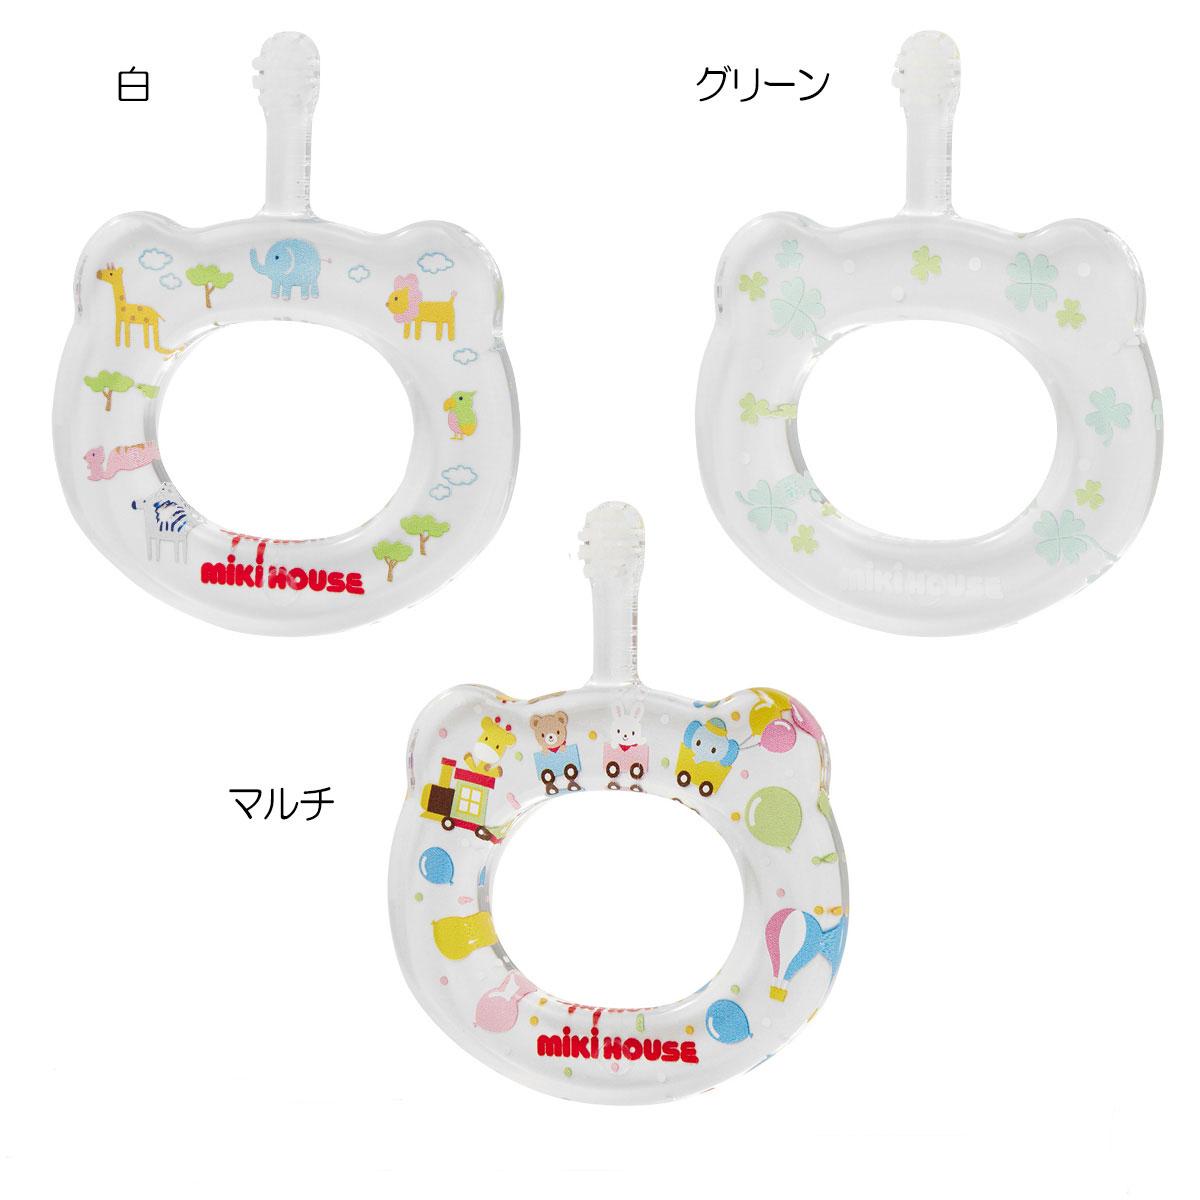 ベビー歯ぶらし 5ヵ月~3歳 HAMICO 激安 ハミコ 値引き ミキハウス mikihouse 日本製 ベビー